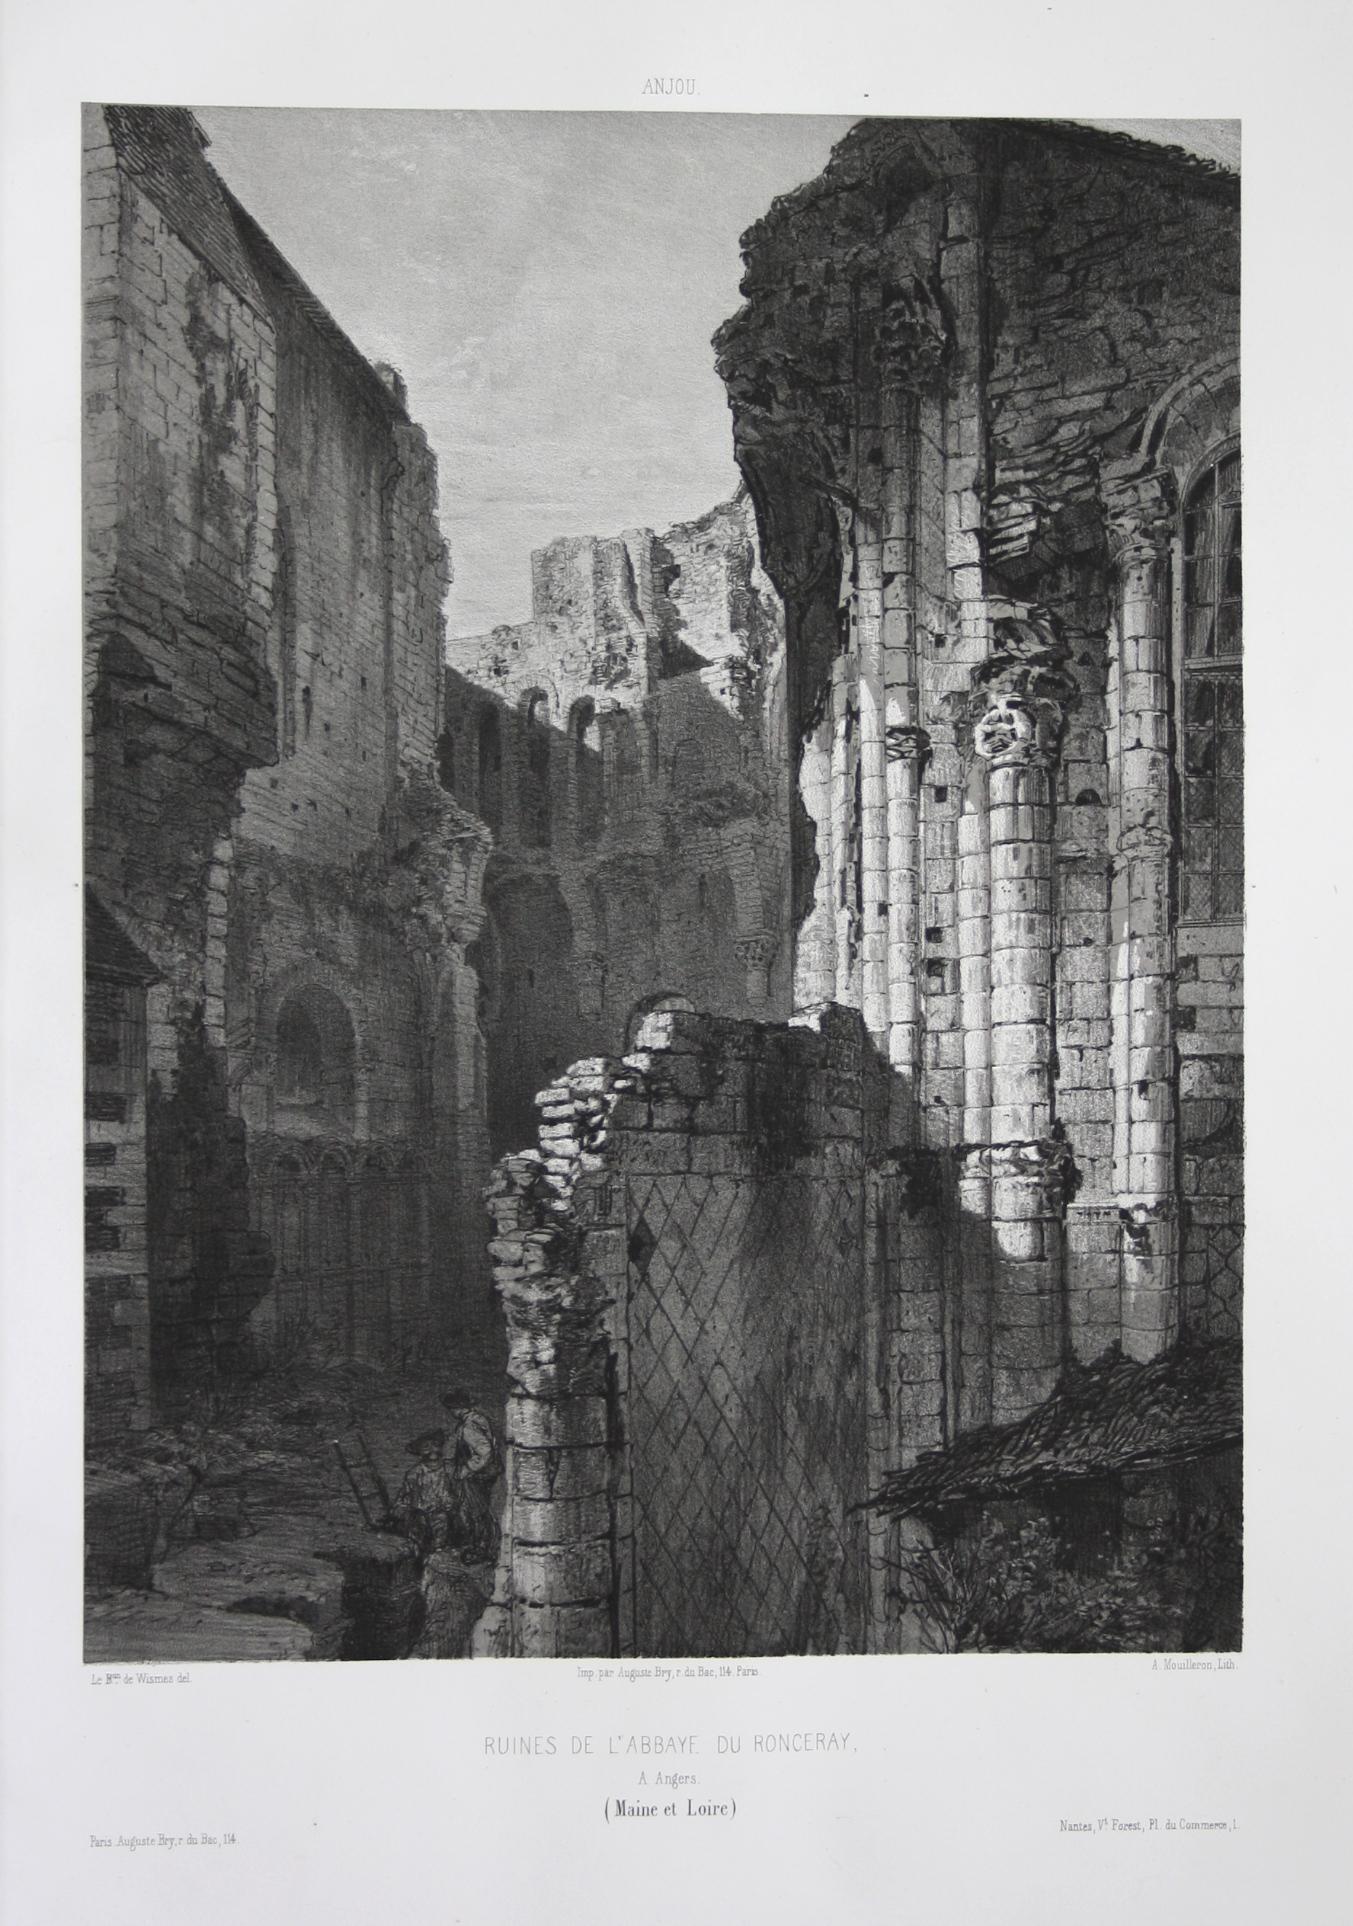 Ruines de l'Abbaye du Ronceray / A: Wismes, Olivier de